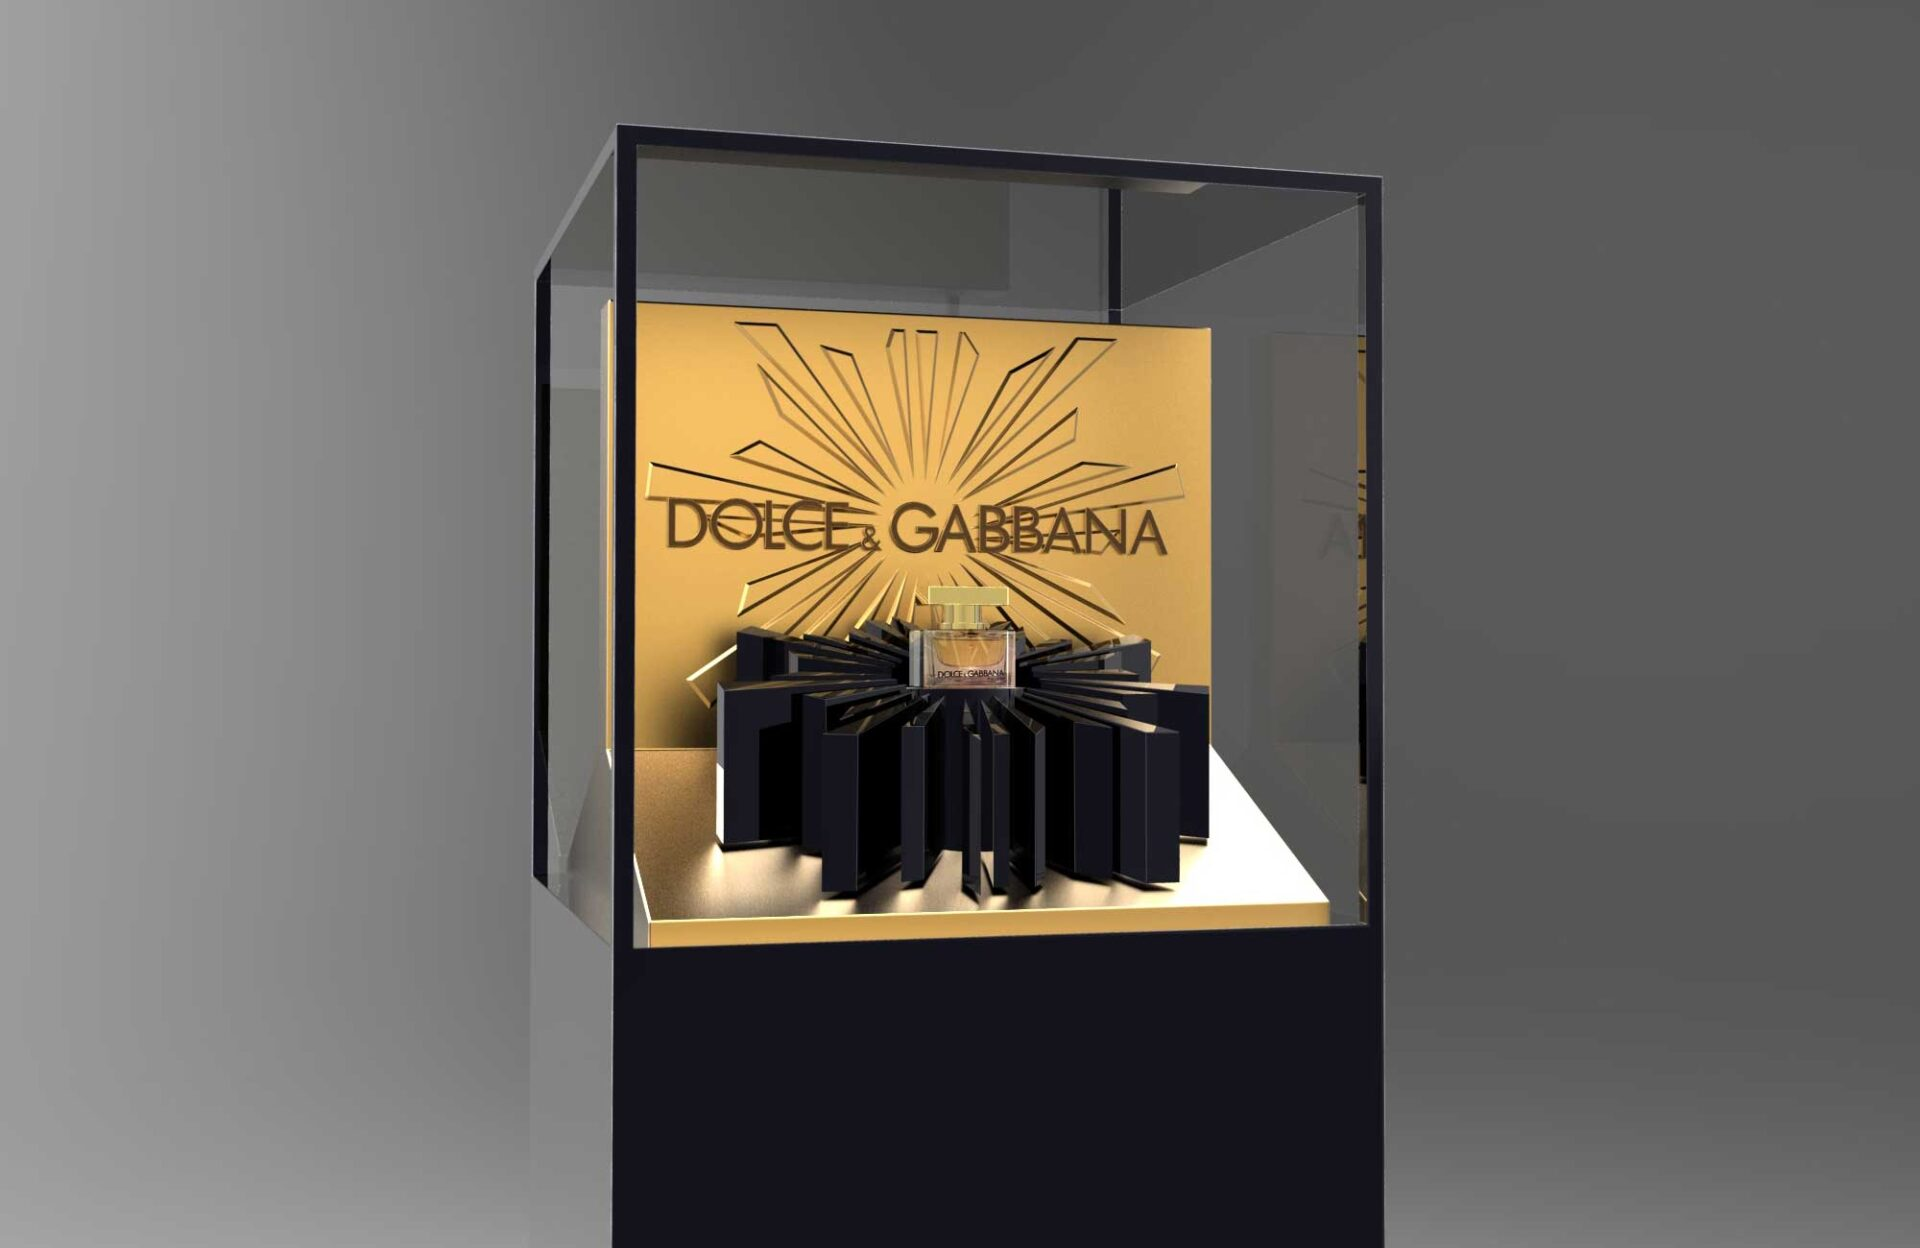 Design_Dolce&Gabbana_©loup.ch_1